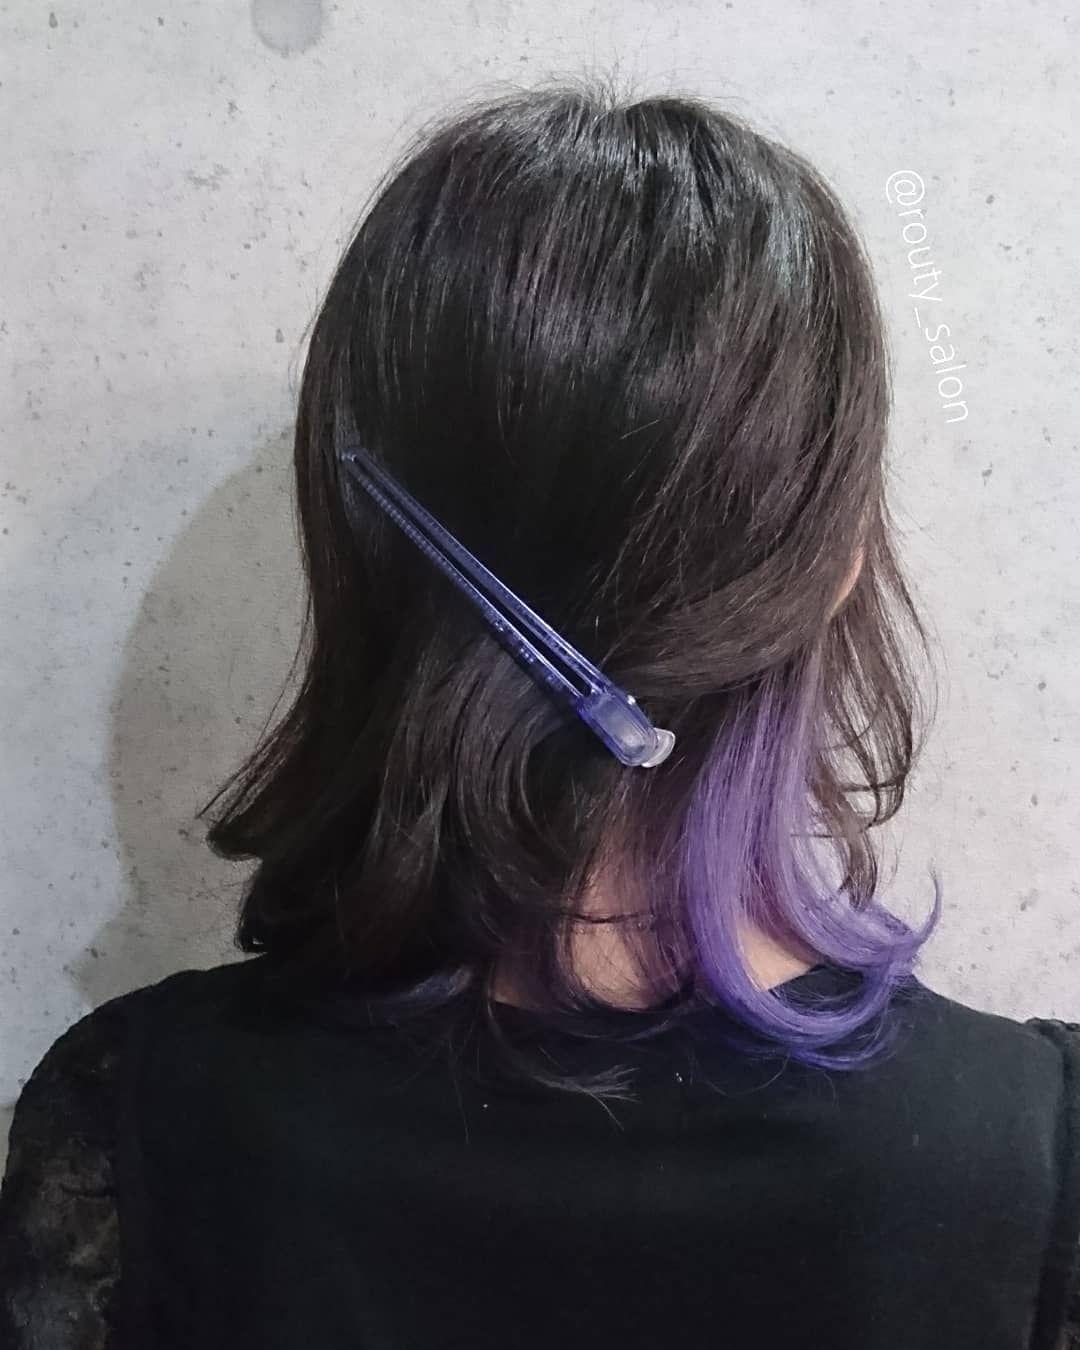 全体は暗い青紫でトーンダウン そして内側のアウトラインのみインナーカラー で紫を 赤味を消すと脱アジア人の雰囲気が出るので 艶感と外国人風を両立させたいときは青紫 がオススメです 派手すぎないデザインをお求めの方にぜひどうぞ ヘアカラー マニパニ 派手髪